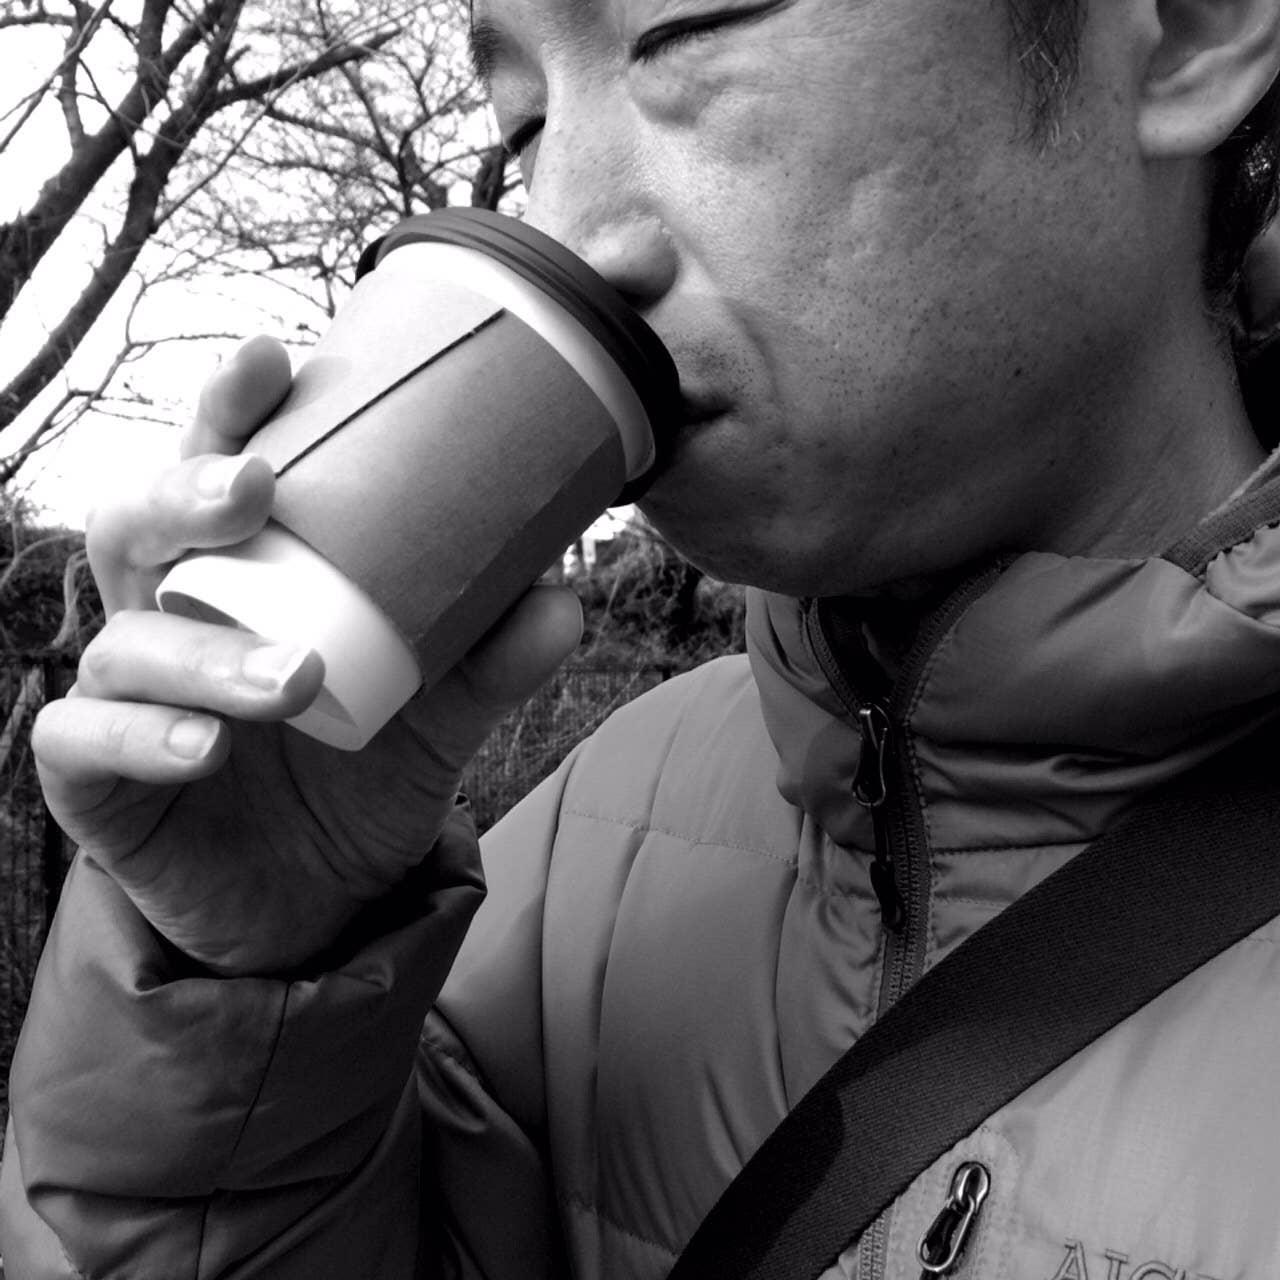 Kazushige Kido